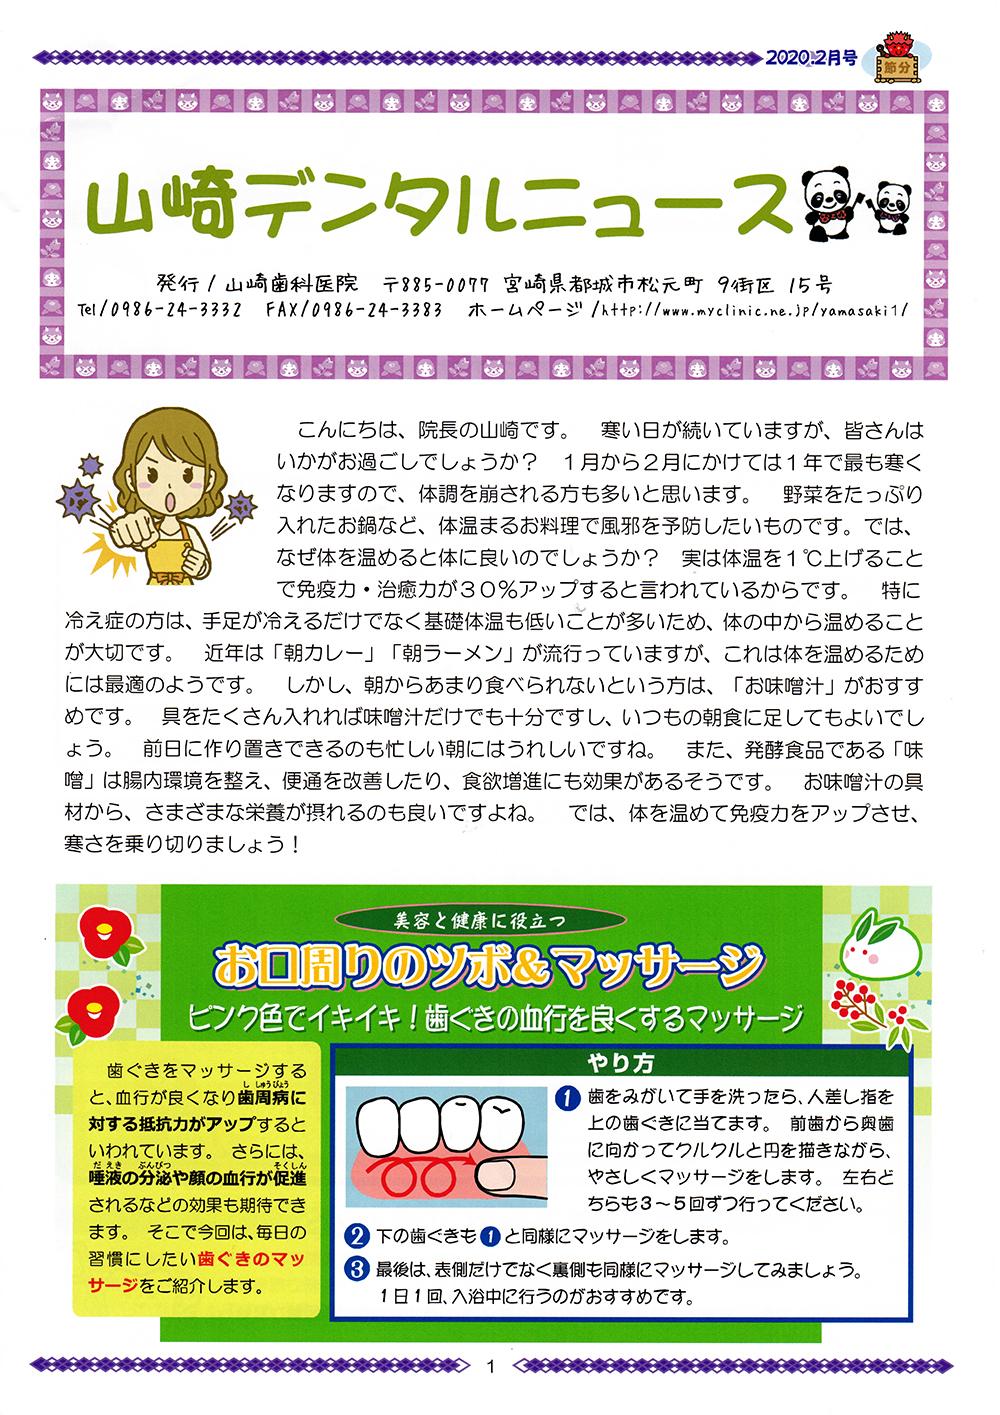 山崎デンタルニュース2月号